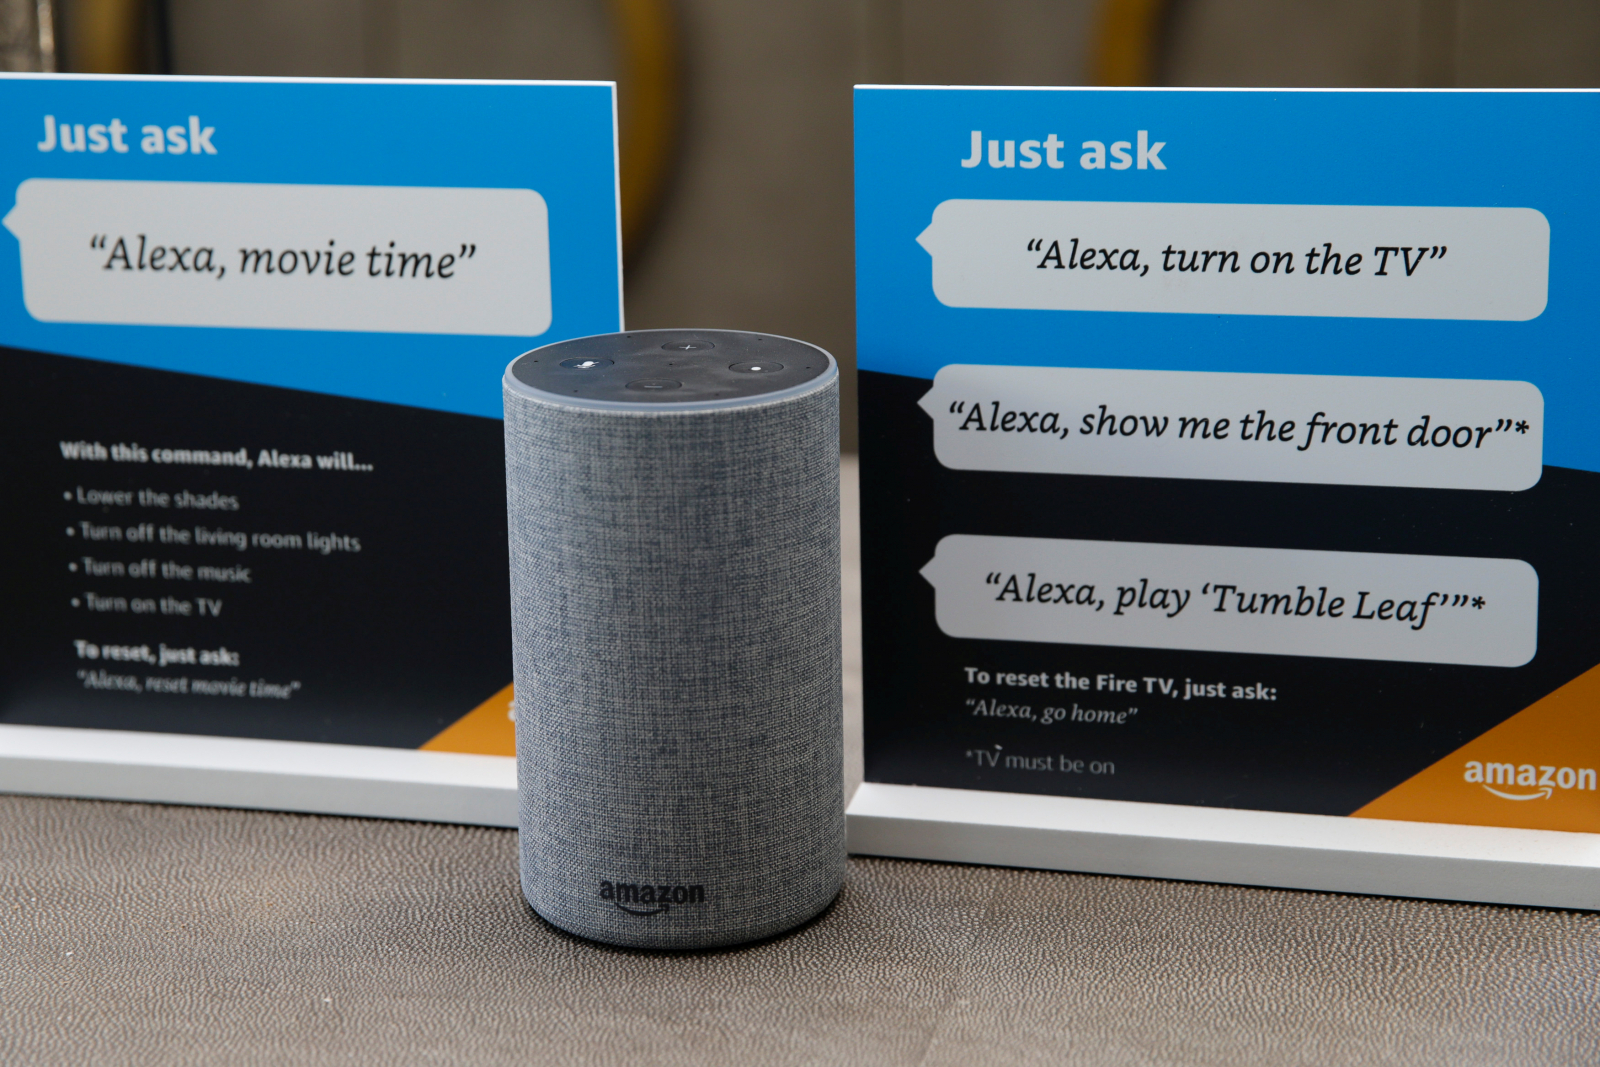 Amazon's Alexa personal assistant